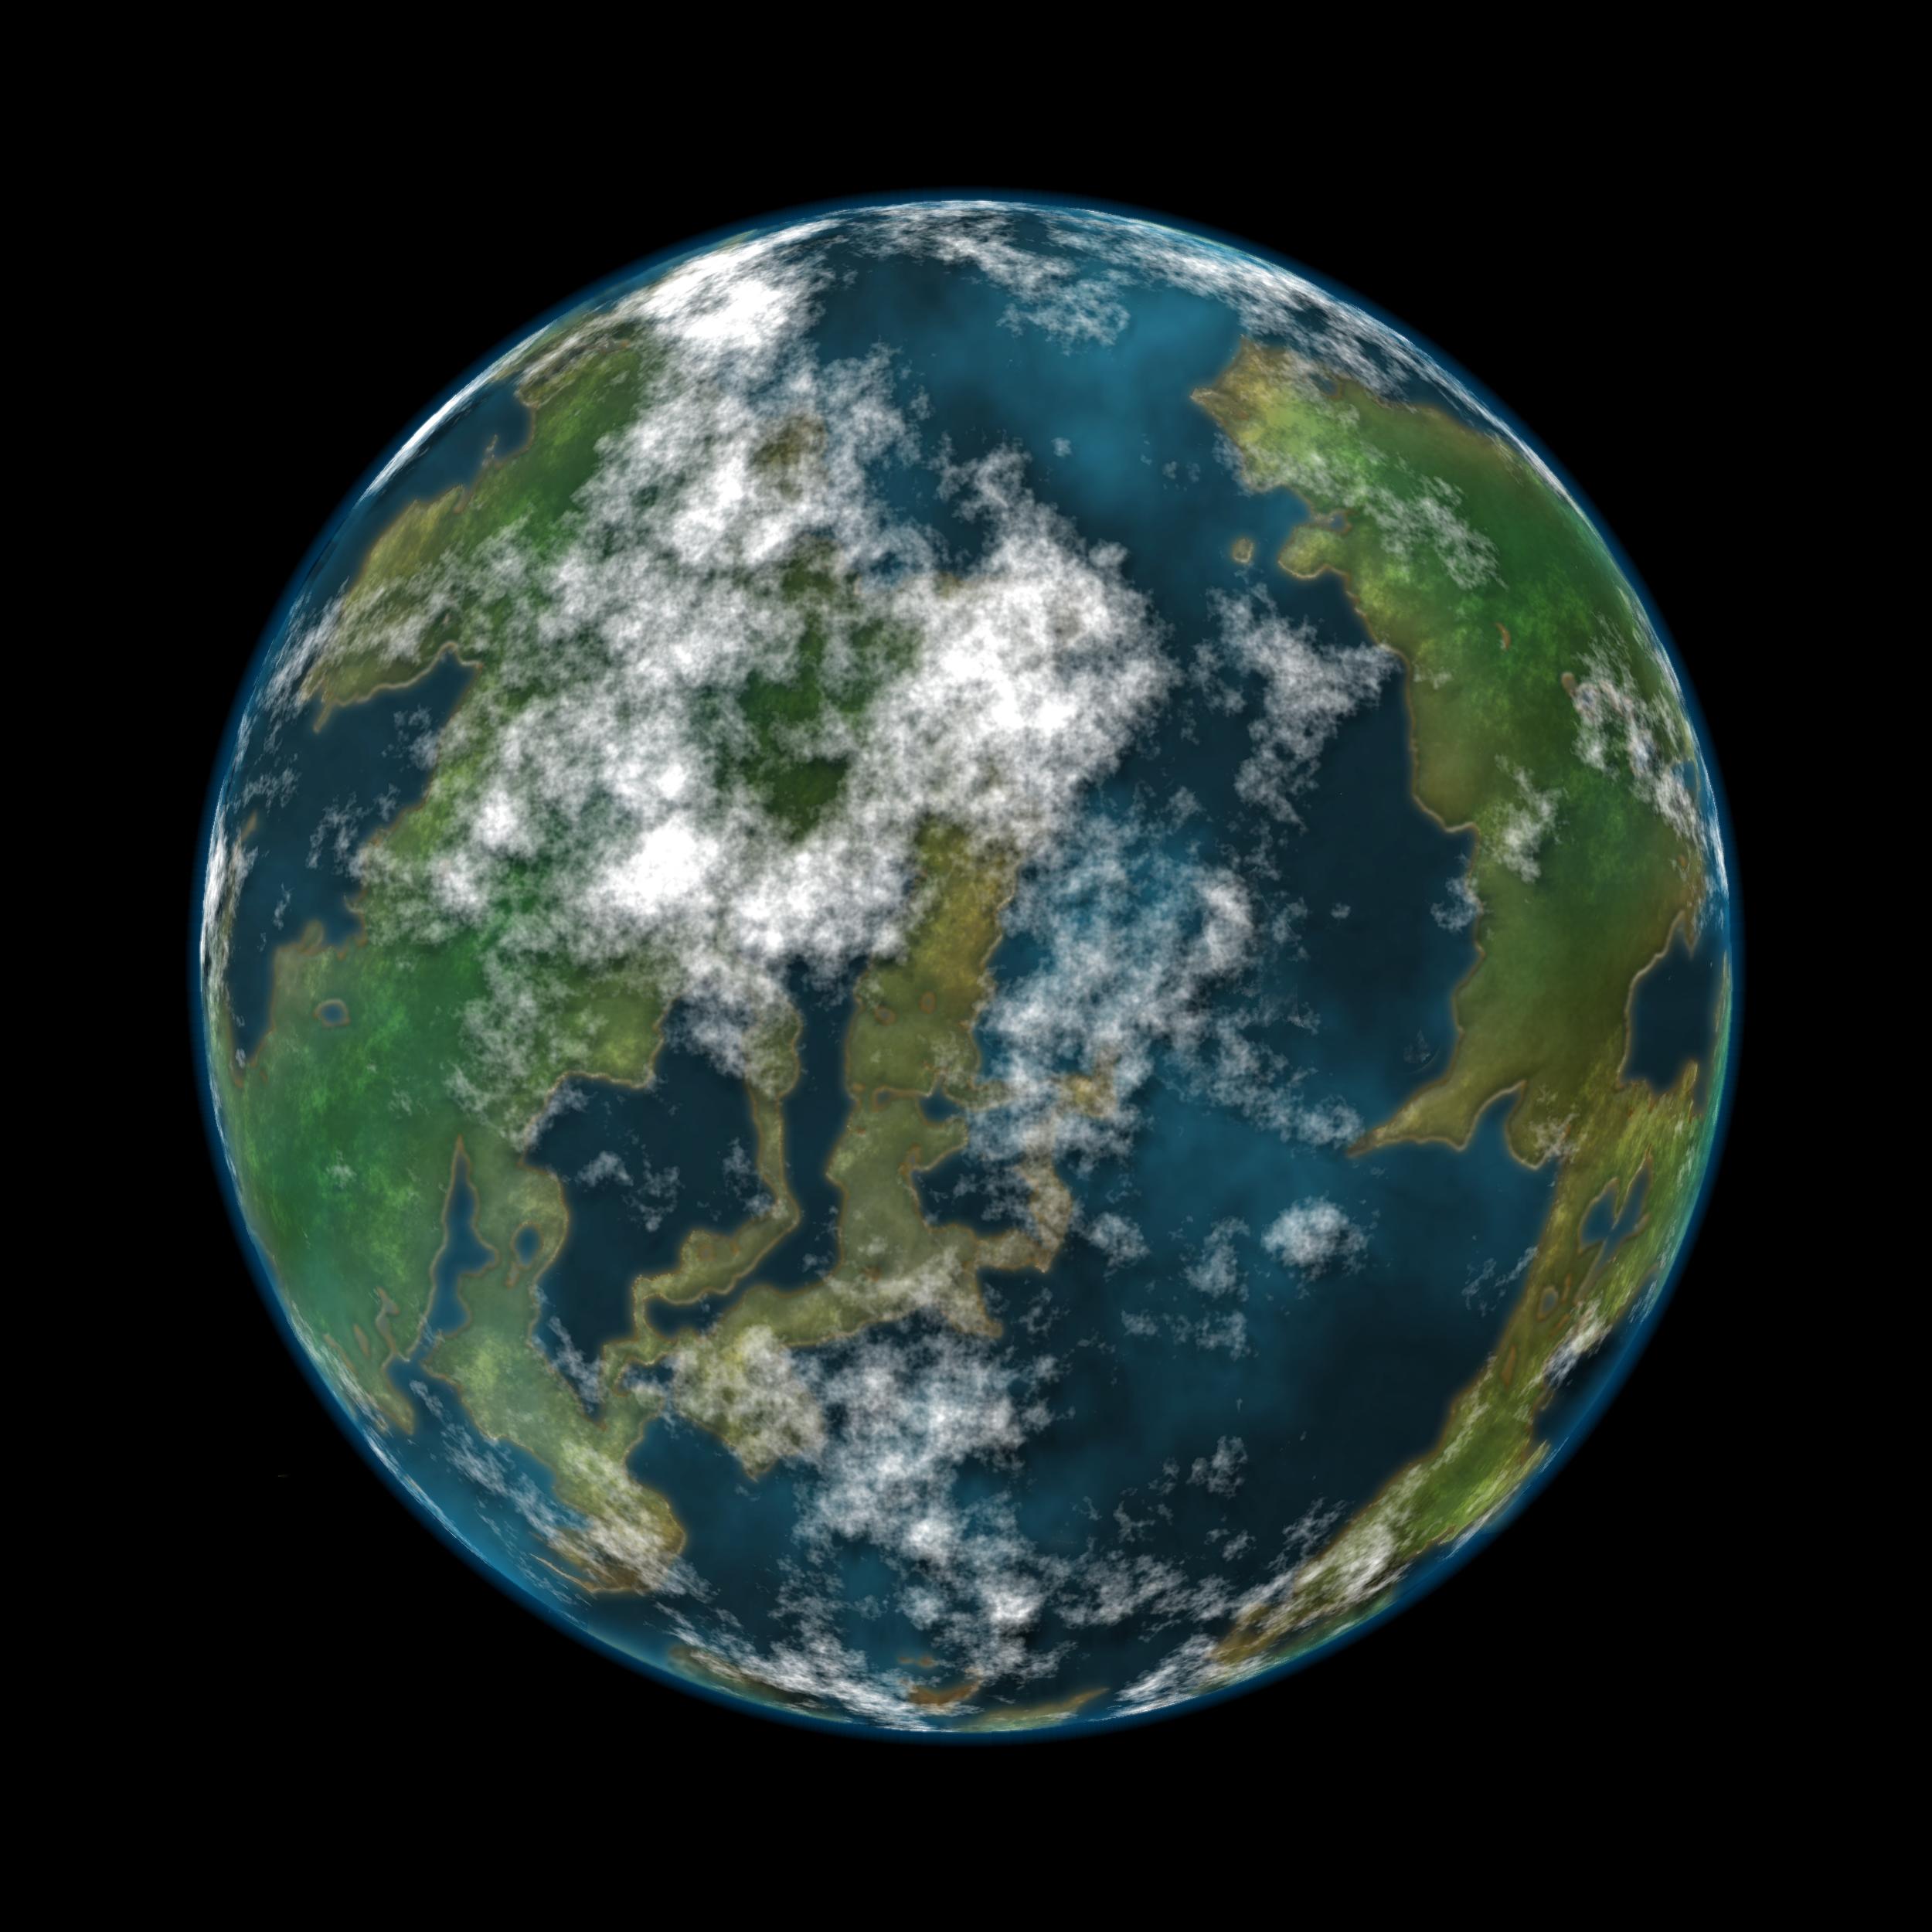 кадре фото земного шара из космоса высокого разрешения синяком